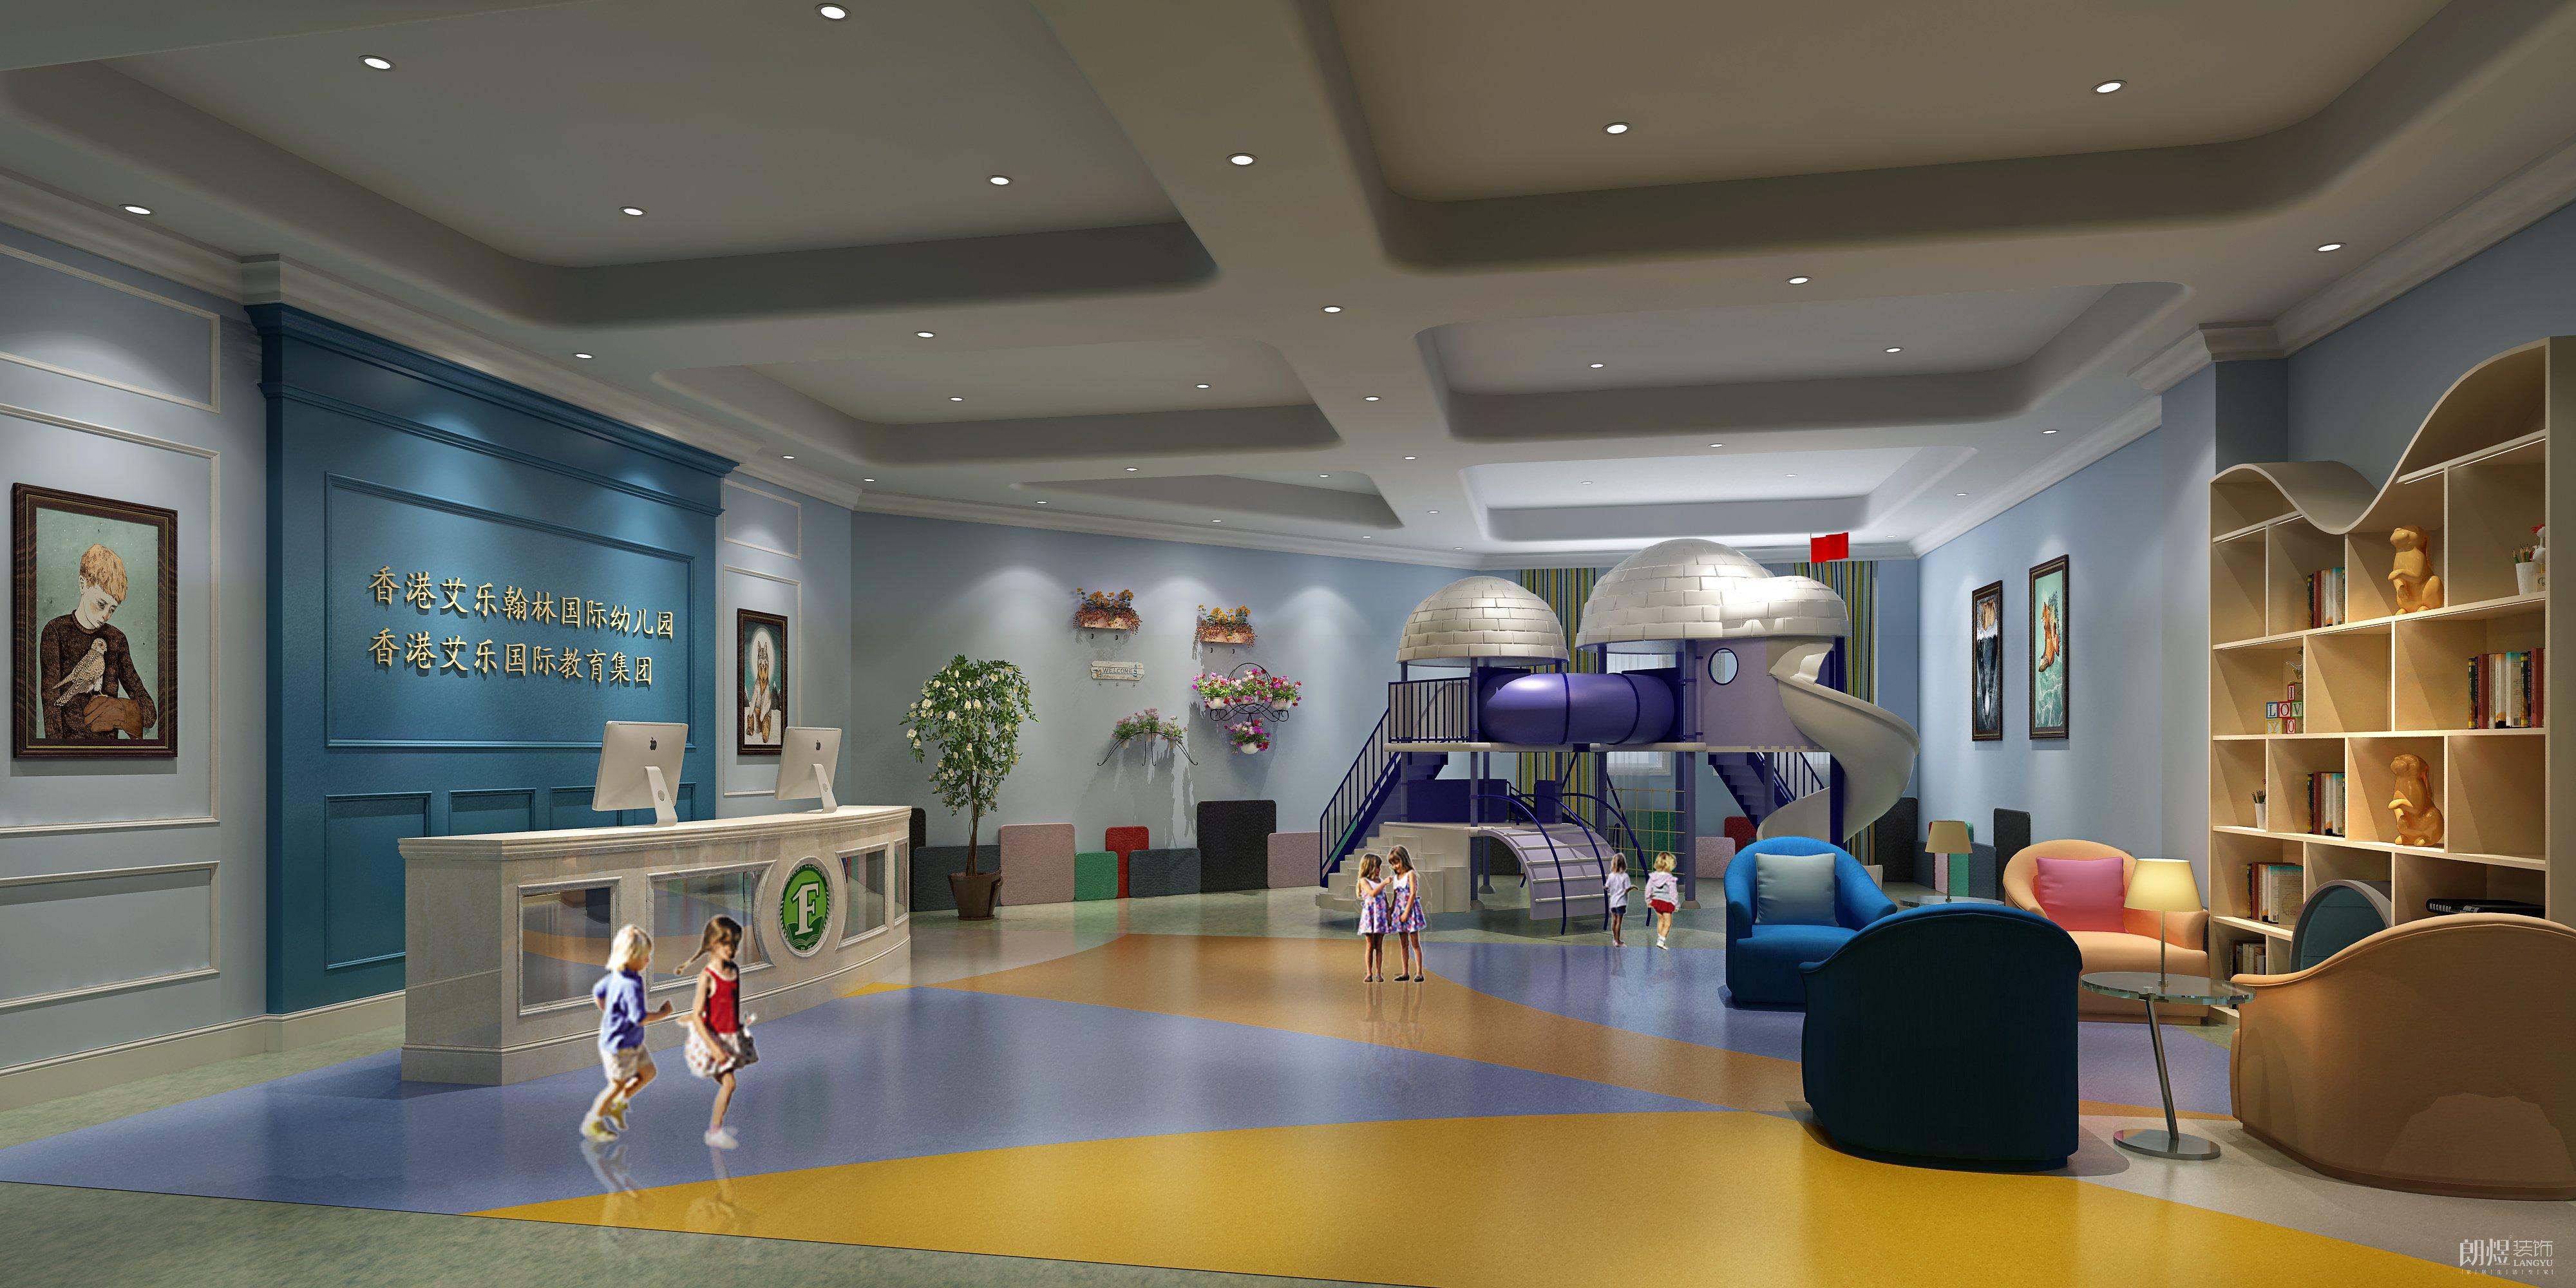 医疗教育     一楼室内活动场所效果图    乐至幼儿园4楼大厅效果图